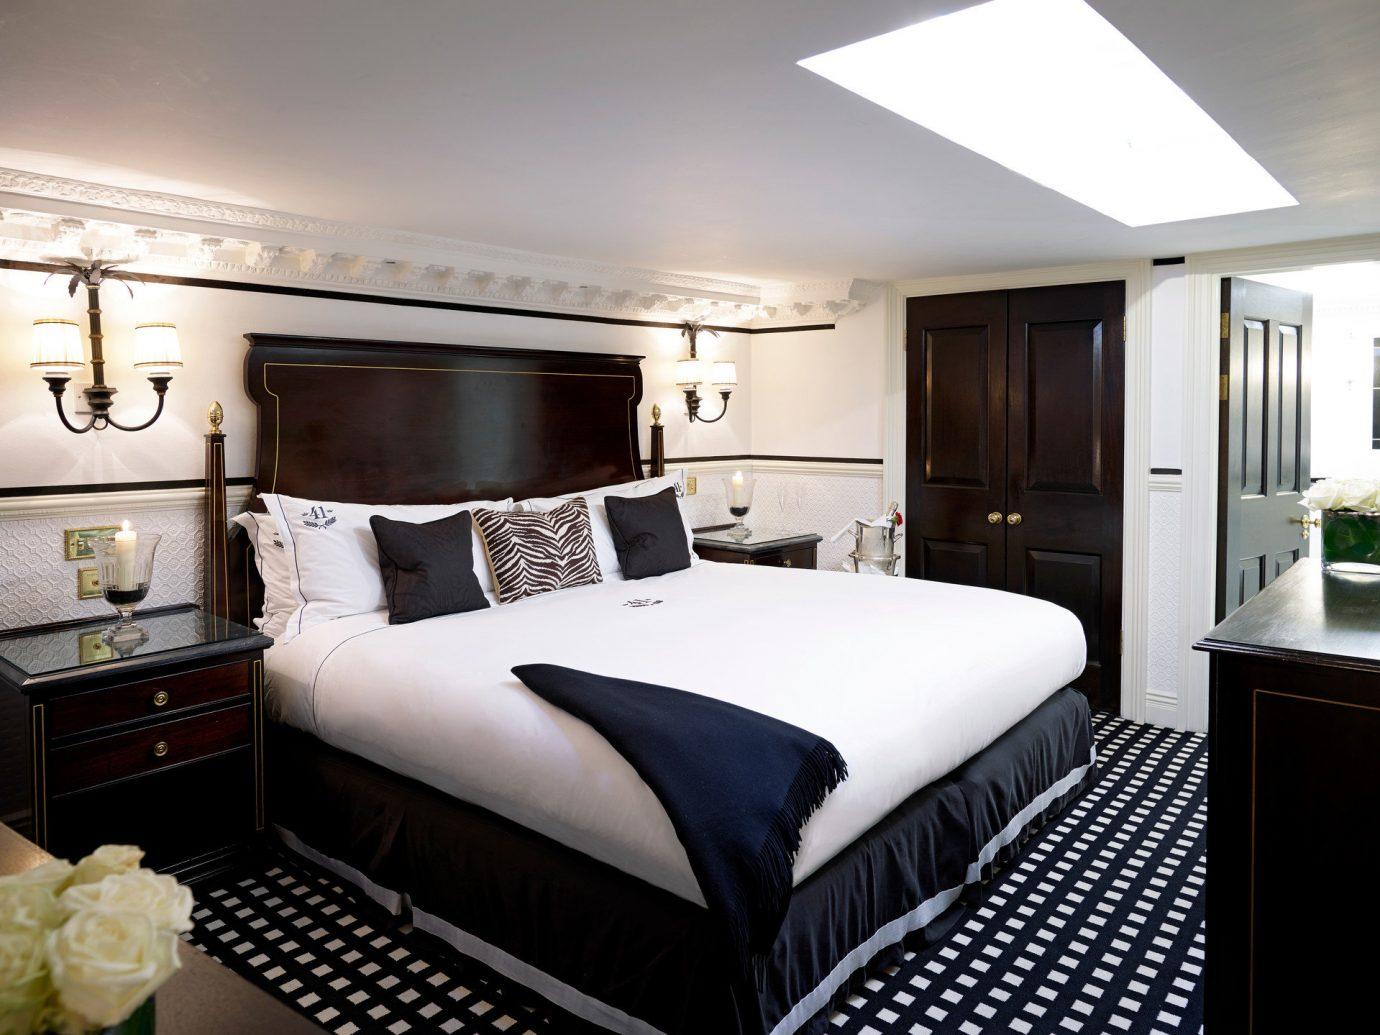 Boutique Hotels Hotels bed indoor wall ceiling room floor Bedroom property Suite hotel interior design estate cottage yacht real estate bed sheet bed frame furniture